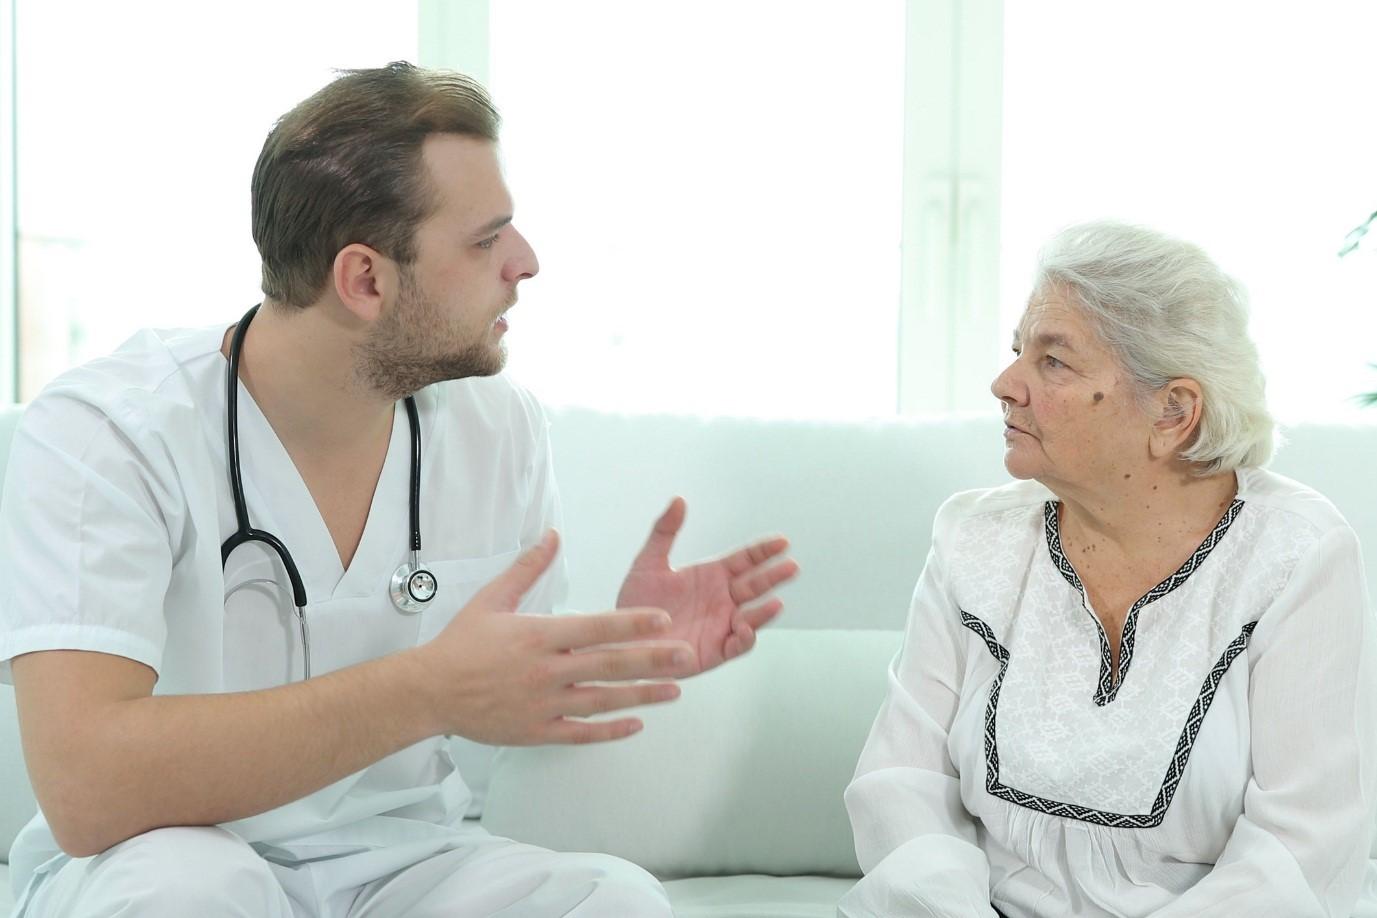 آیا محل سکونت بر میزان تعرفه ویزیت بیمار در منزل تاثیر گذار است؟